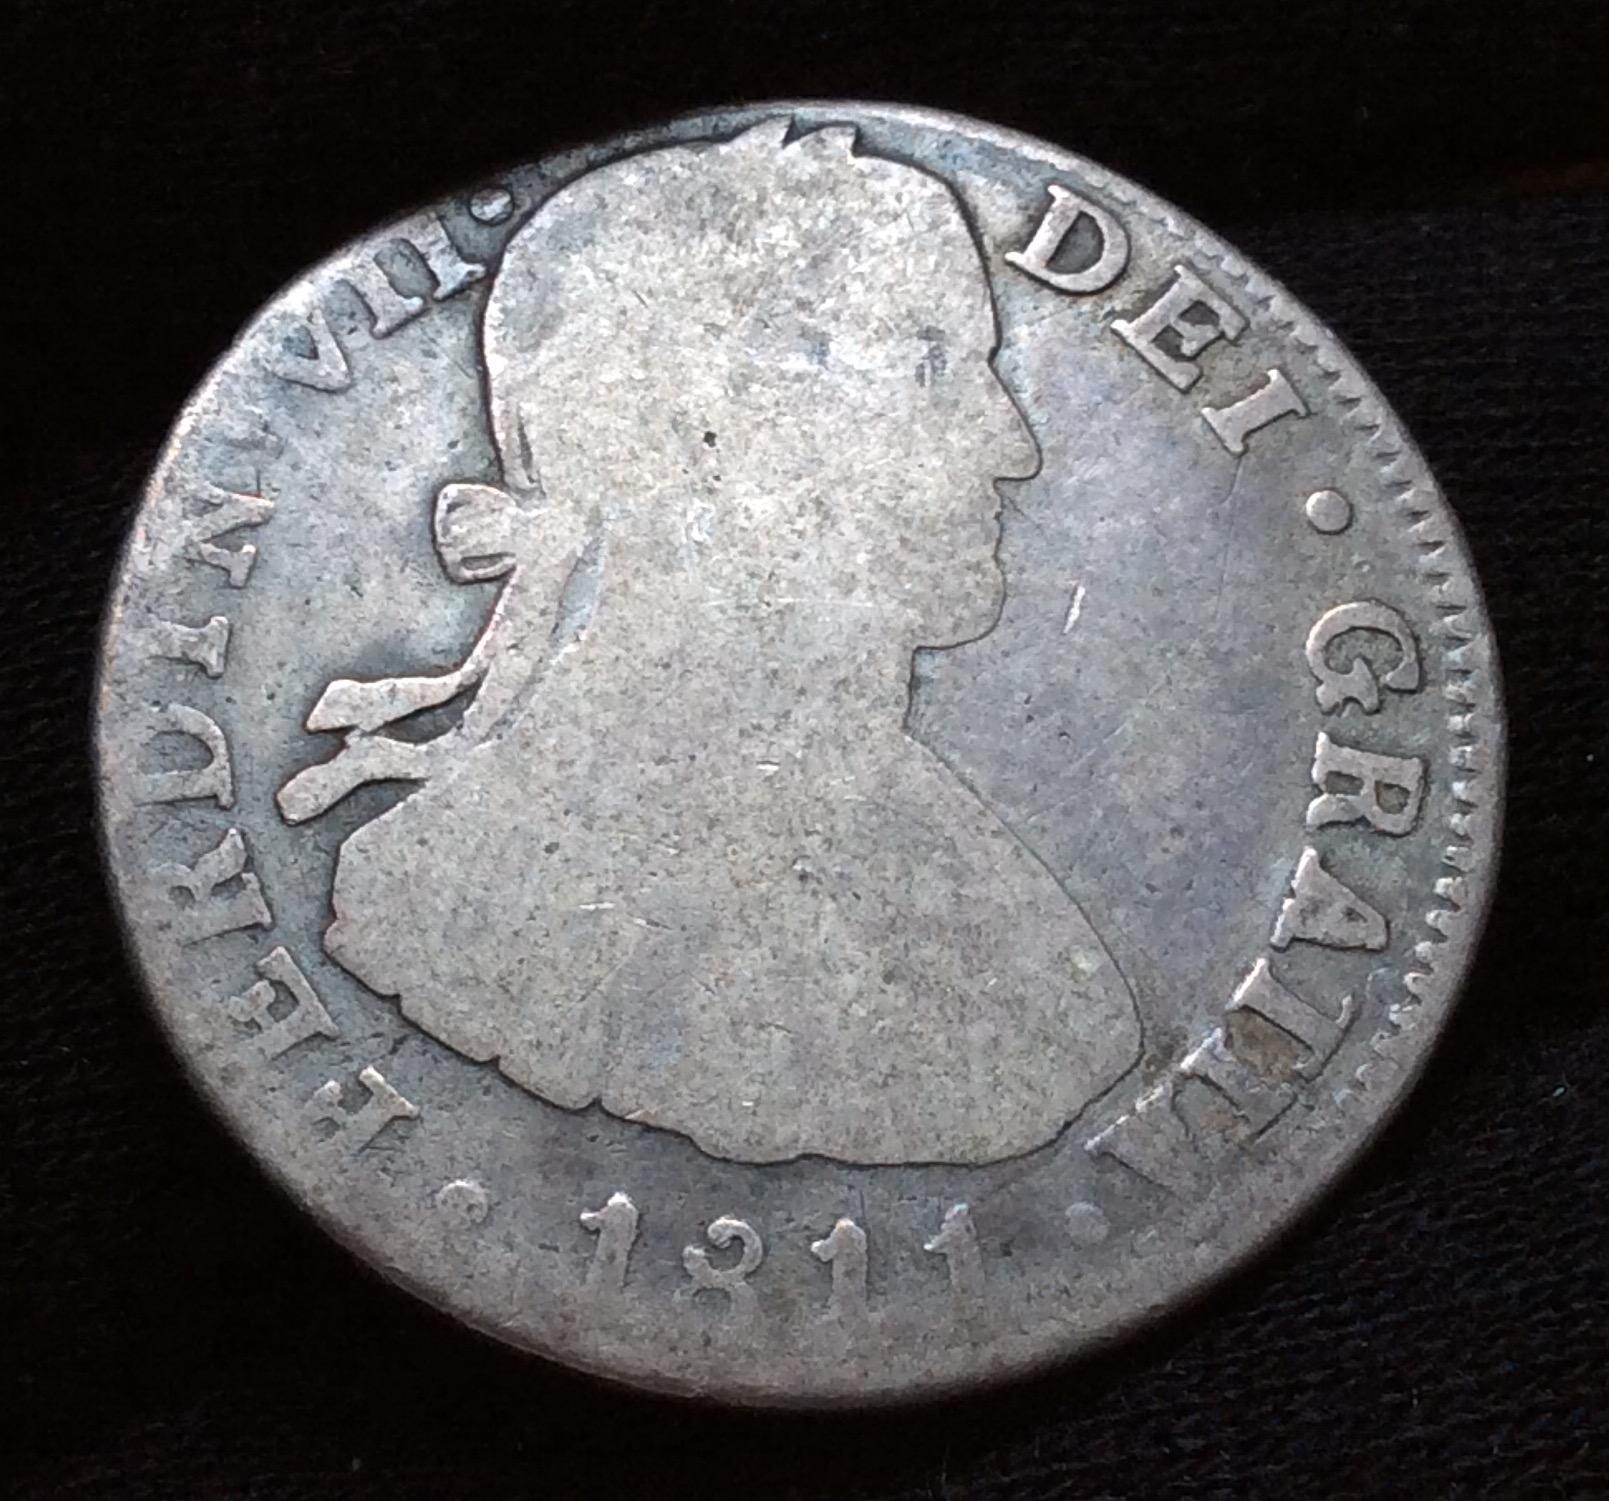 2 REALES 1811 - FERNANDO VII - BUSTO IMAGINARIO - MÉXICO